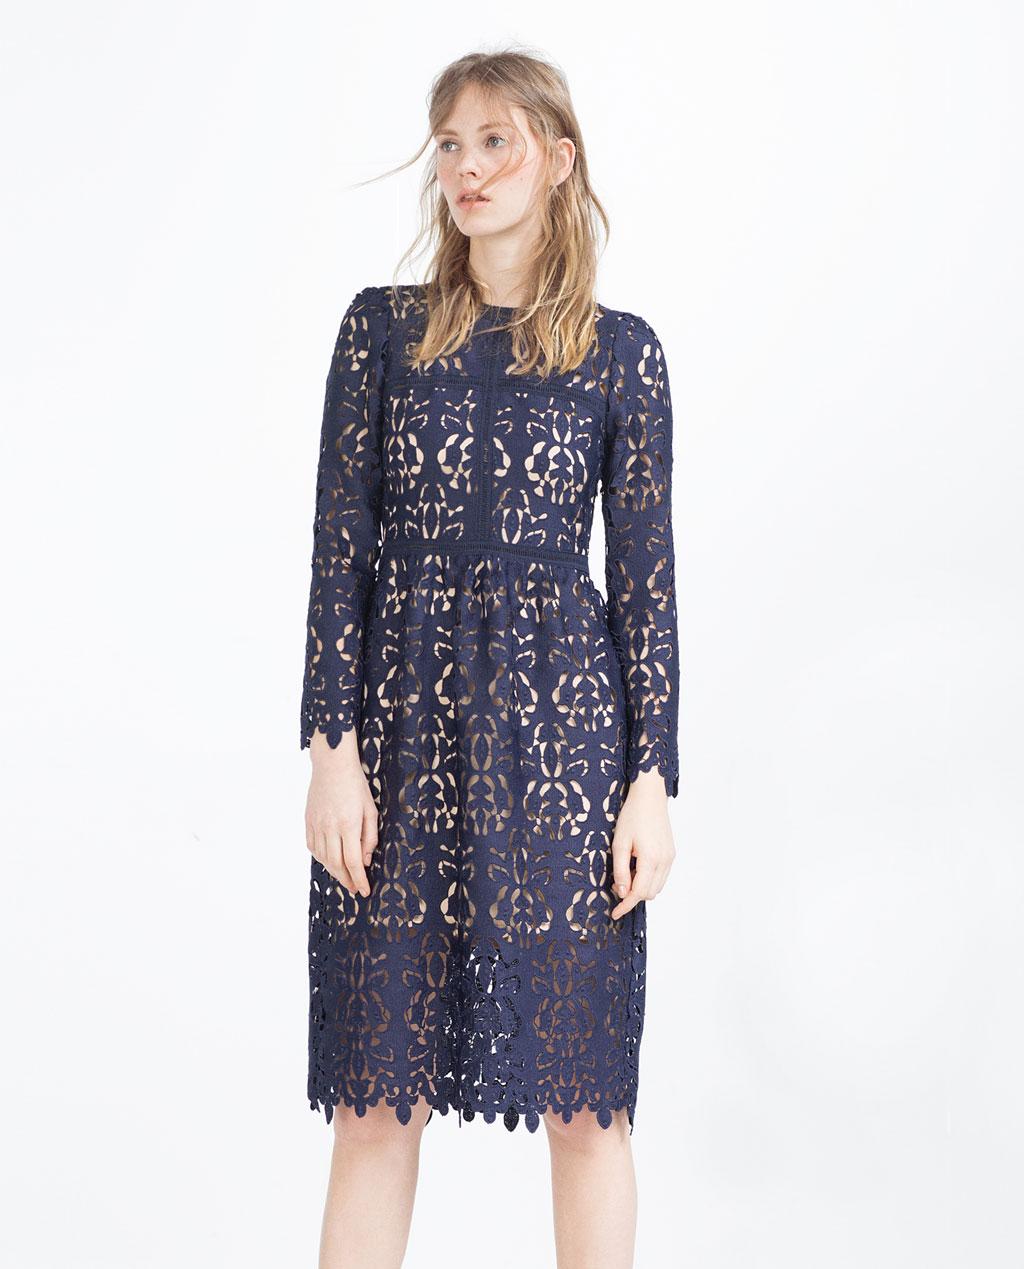 Φορέματα Zara άνοιξη 2016 - Page 5 b3dff46a10f